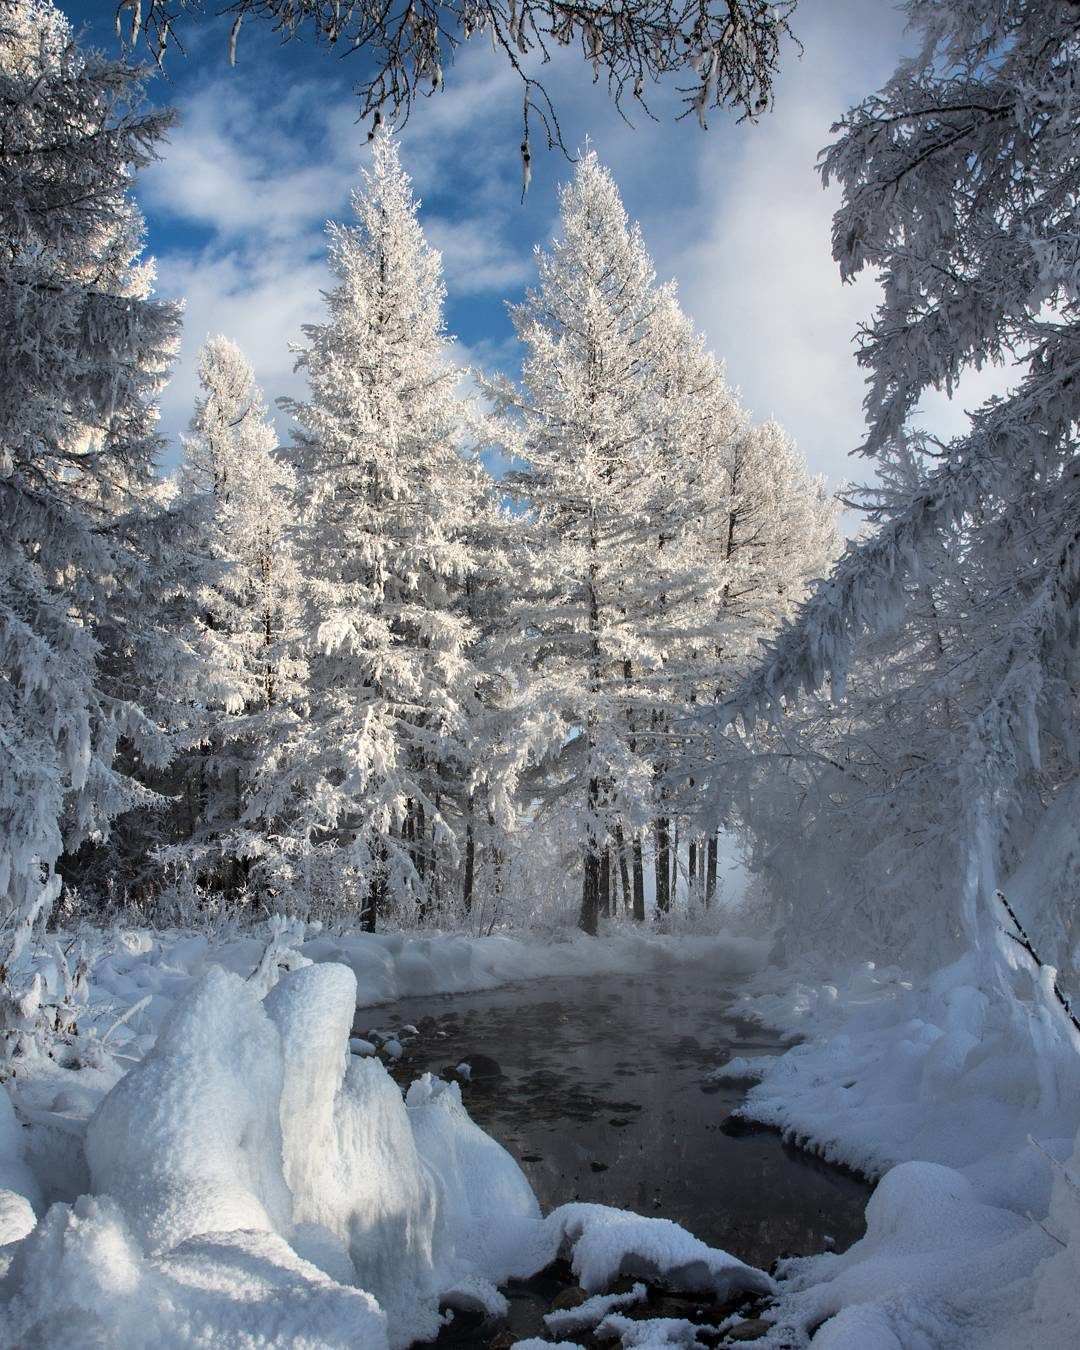 наши читатели, вертикальное фото красоты зимы условия покупки